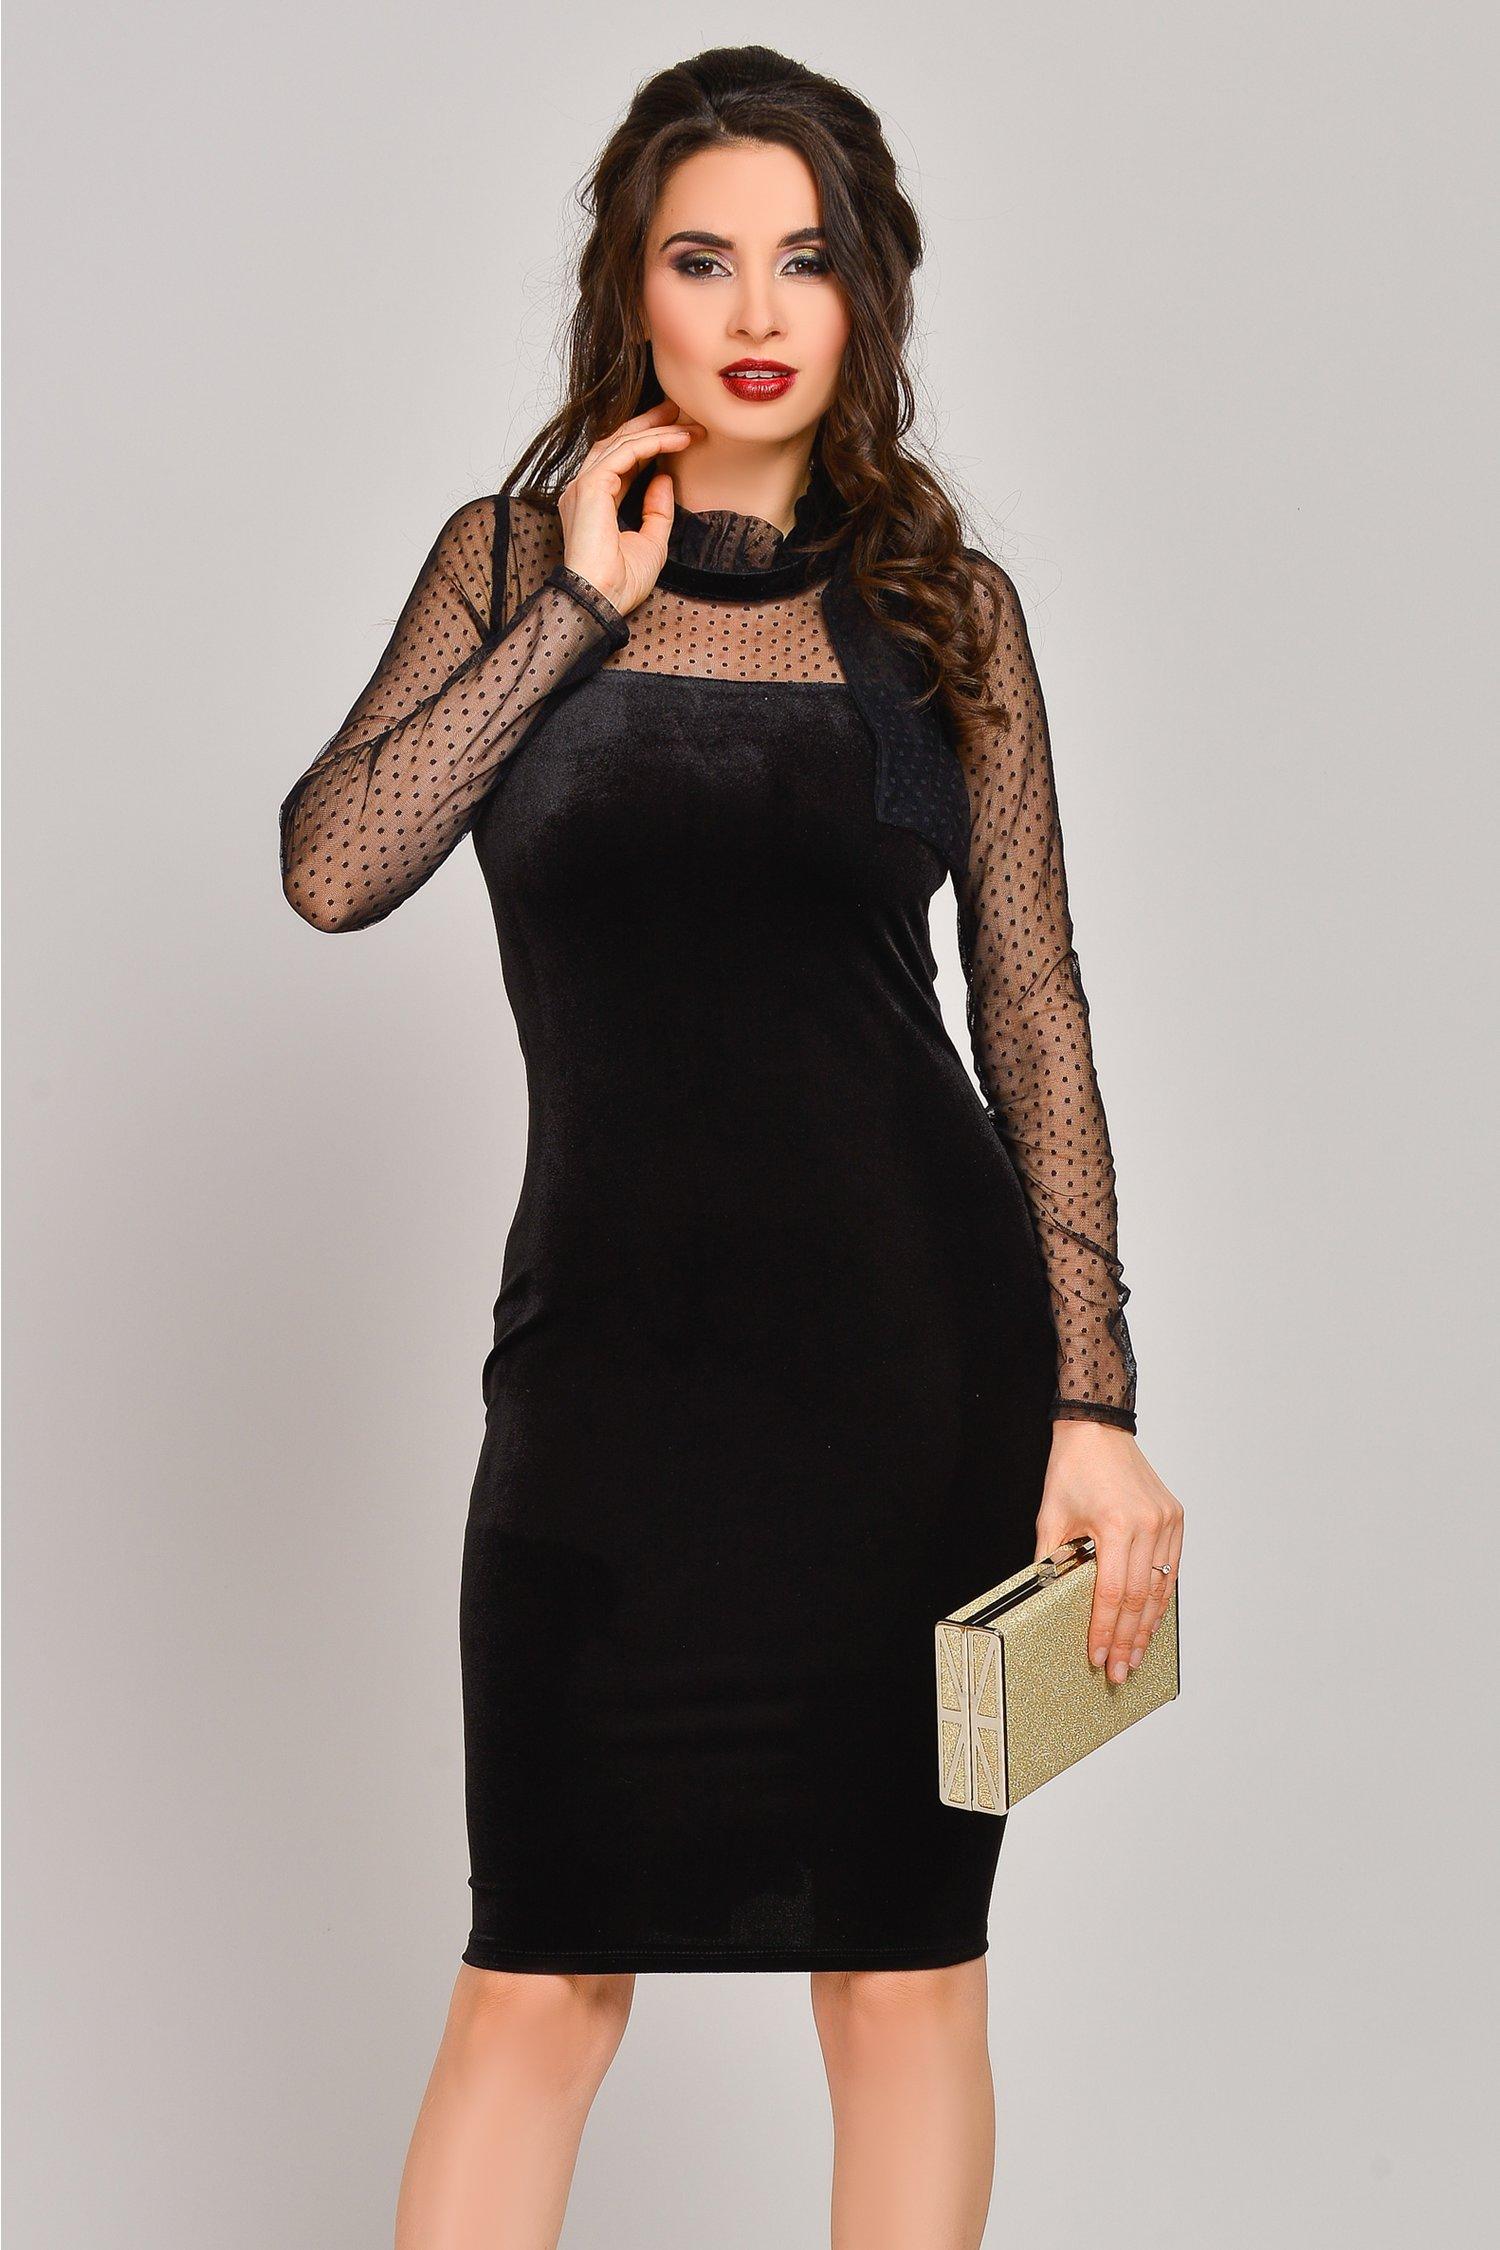 Rochie Brise neagra mulata din catifea cu maneci tull